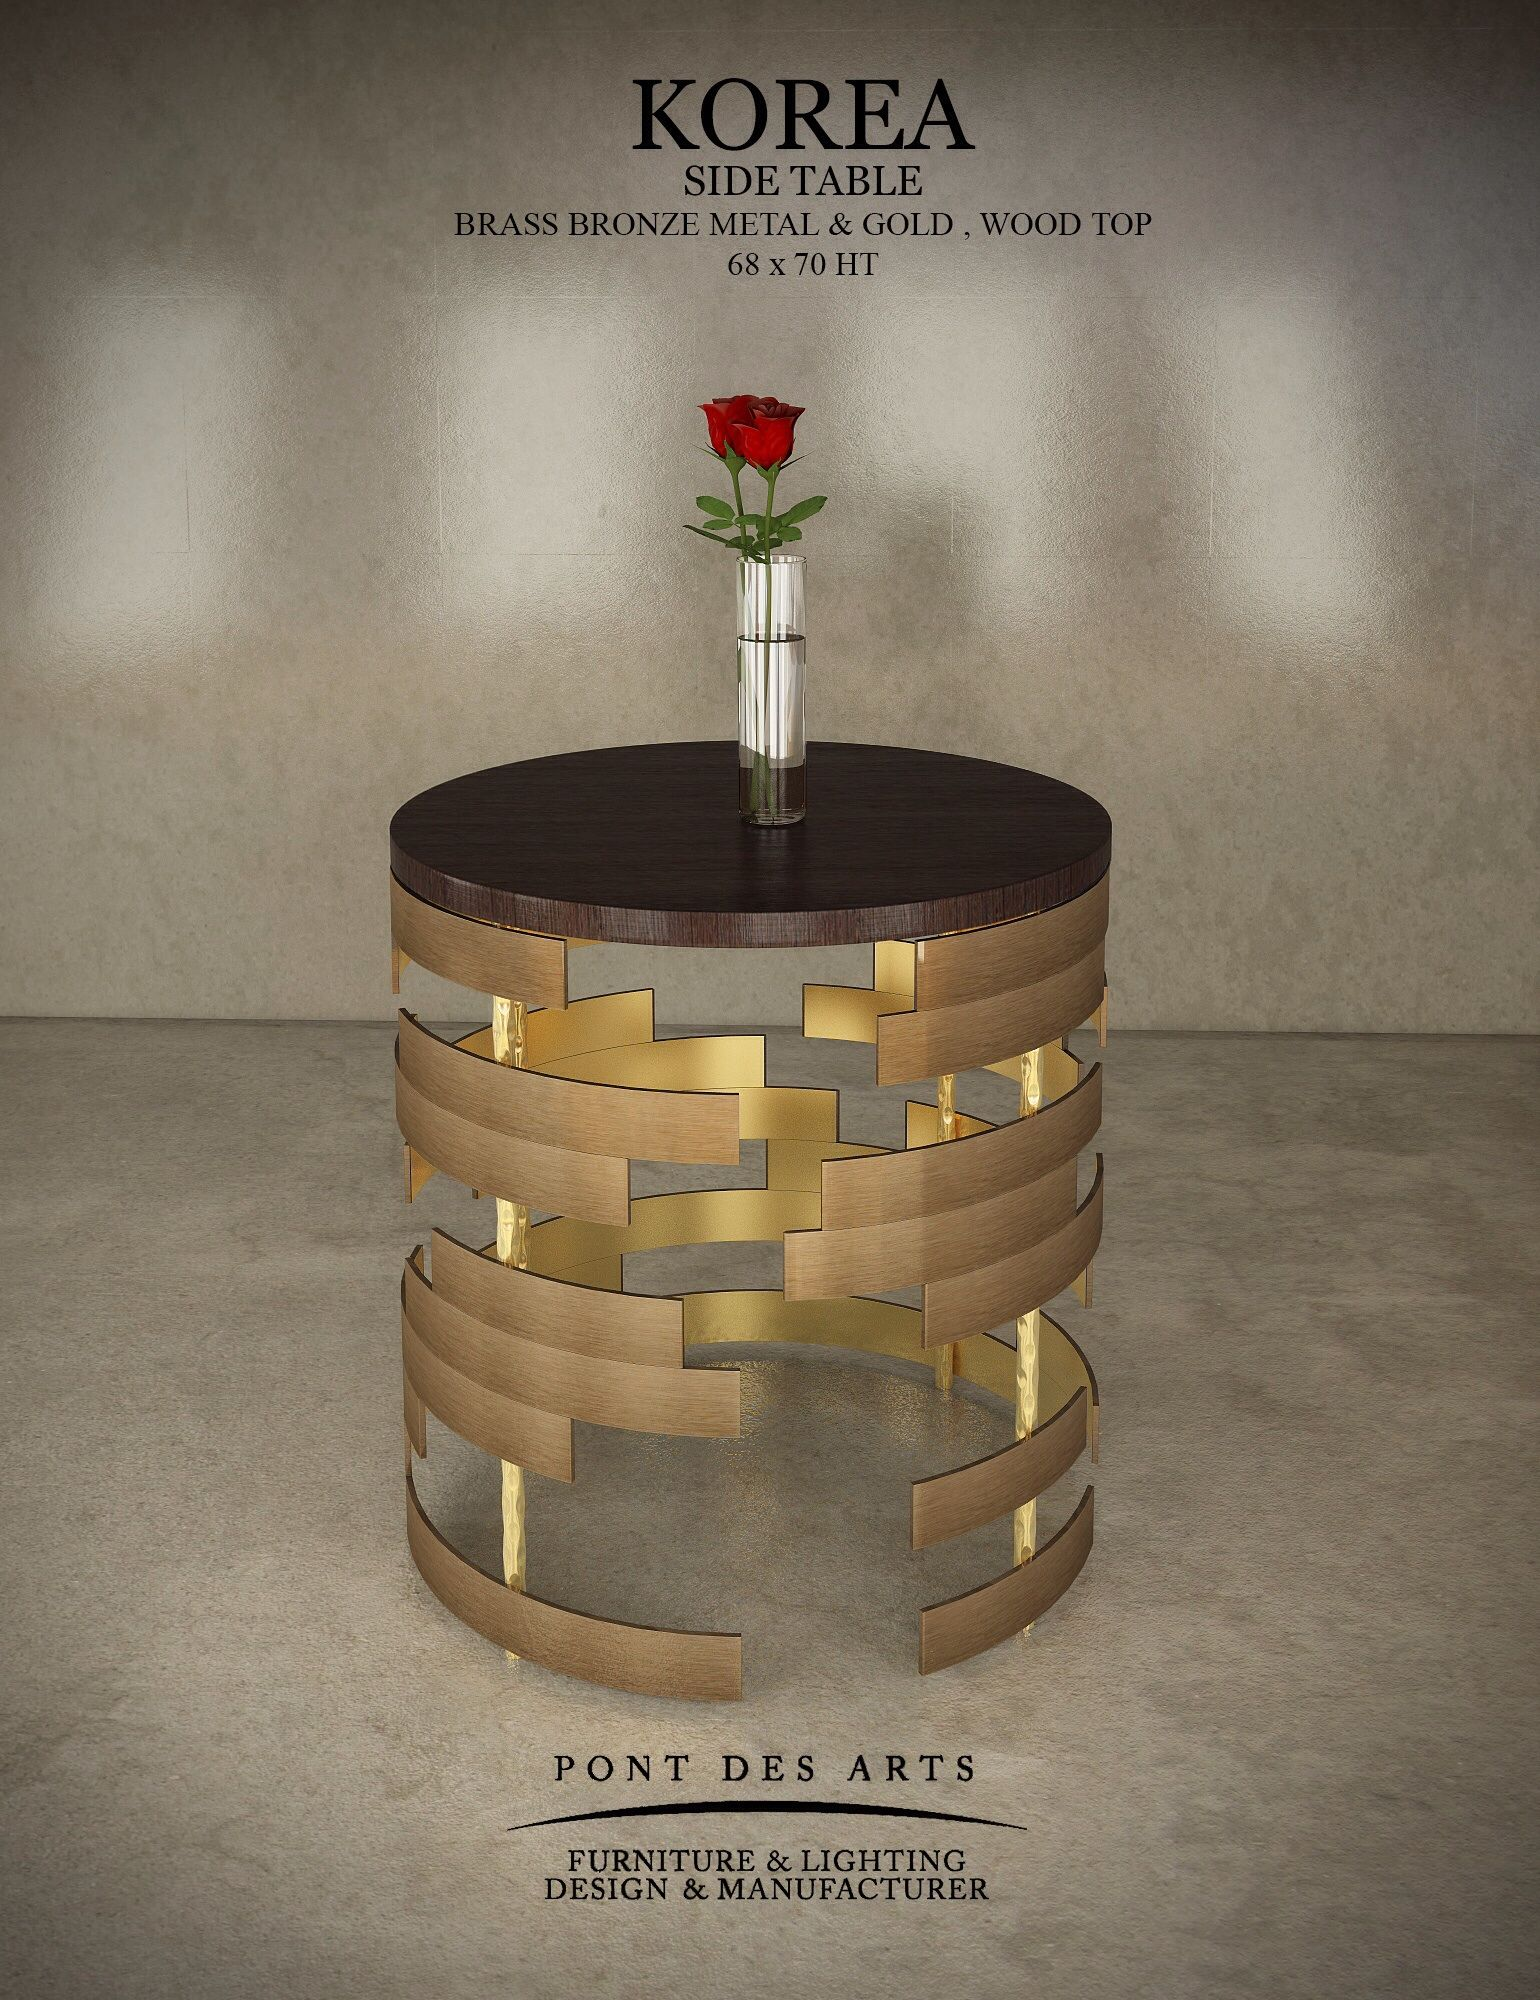 Korea Side Table Pont Des Arts Design Monzer Hammoud Paris  # Modele Des Tables Pour Television Plasma En Fer Forge